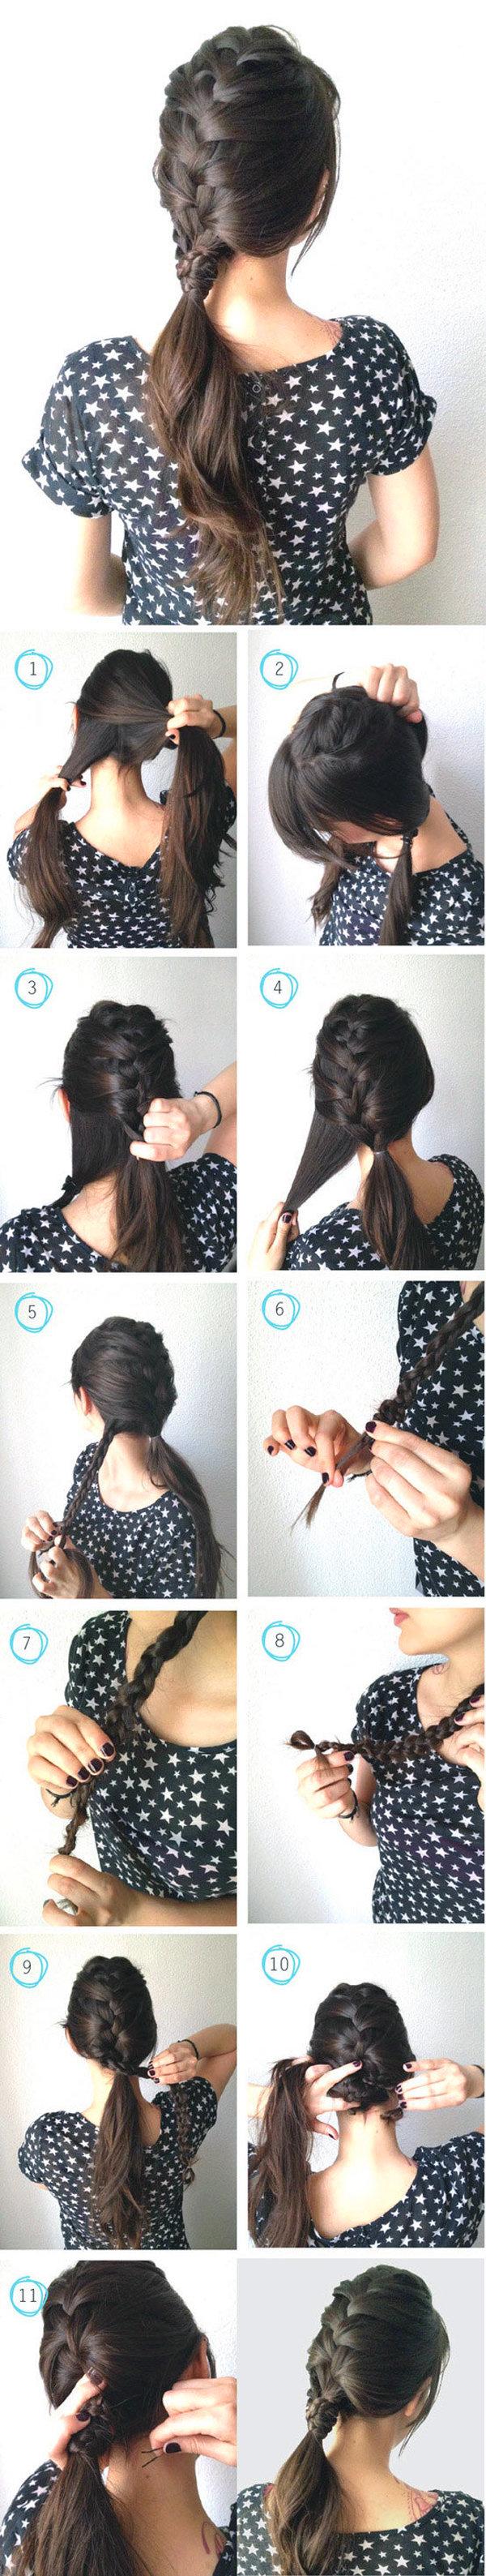 Причёски на длинные волосы пошагово косы